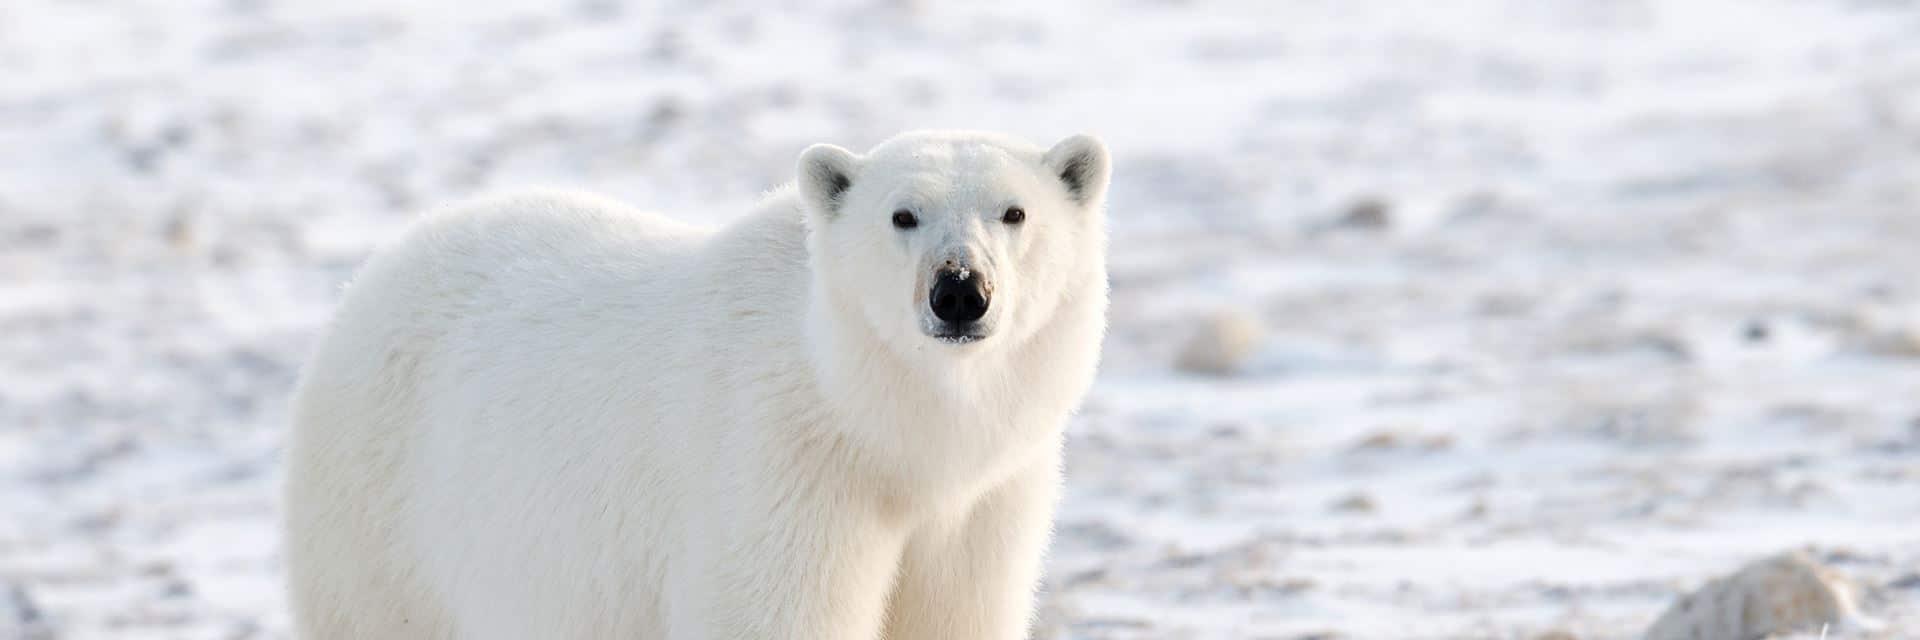 oso polar canada